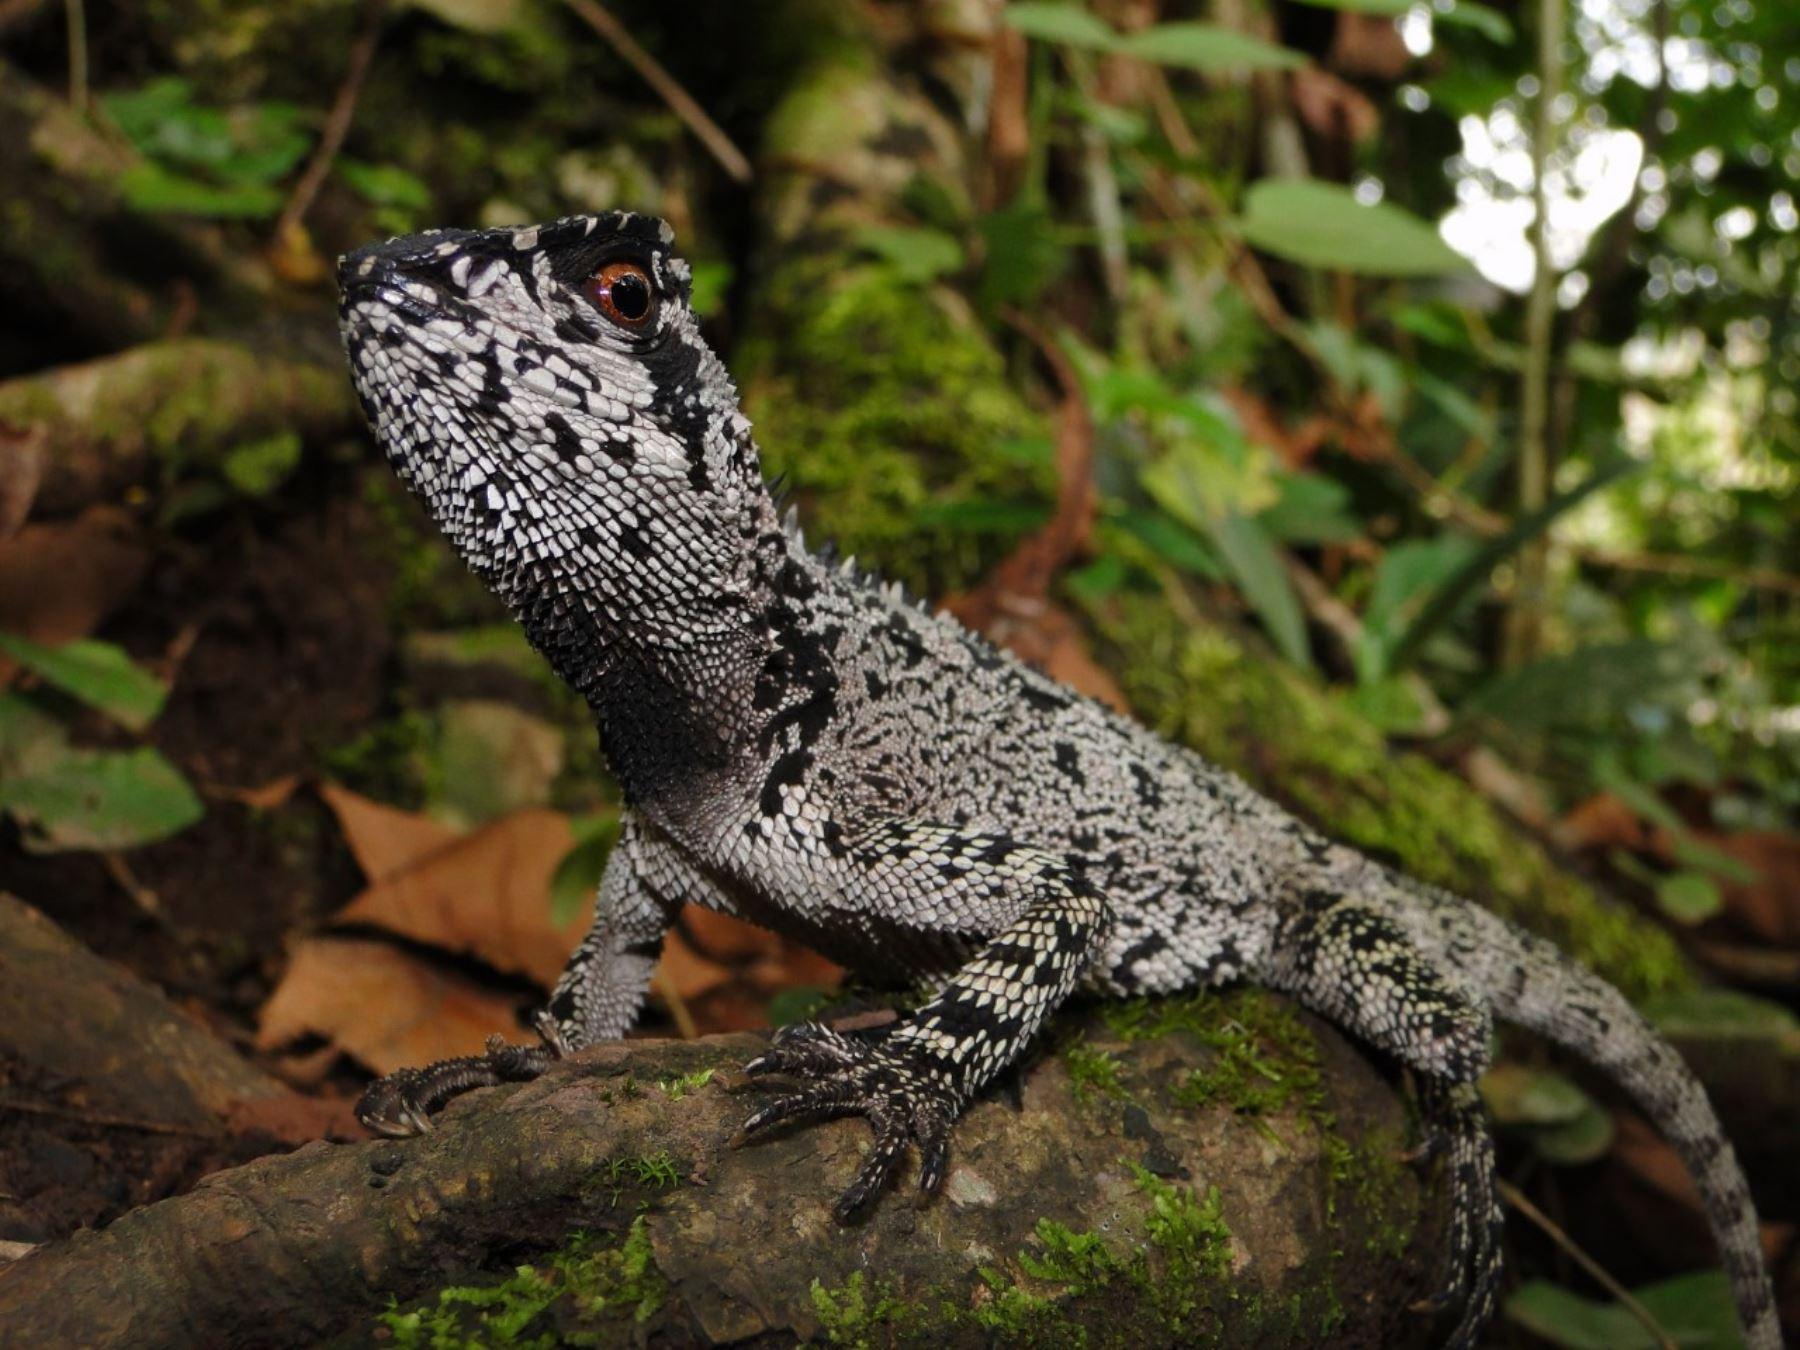 Un nuevo descubrimiento científico fue anunciado por el Sernanp que informó del hallazgo de una nueva especie de lagartija en el Parque Nacional Tingo María, en Huánuco. Foto: Pablo Venegas